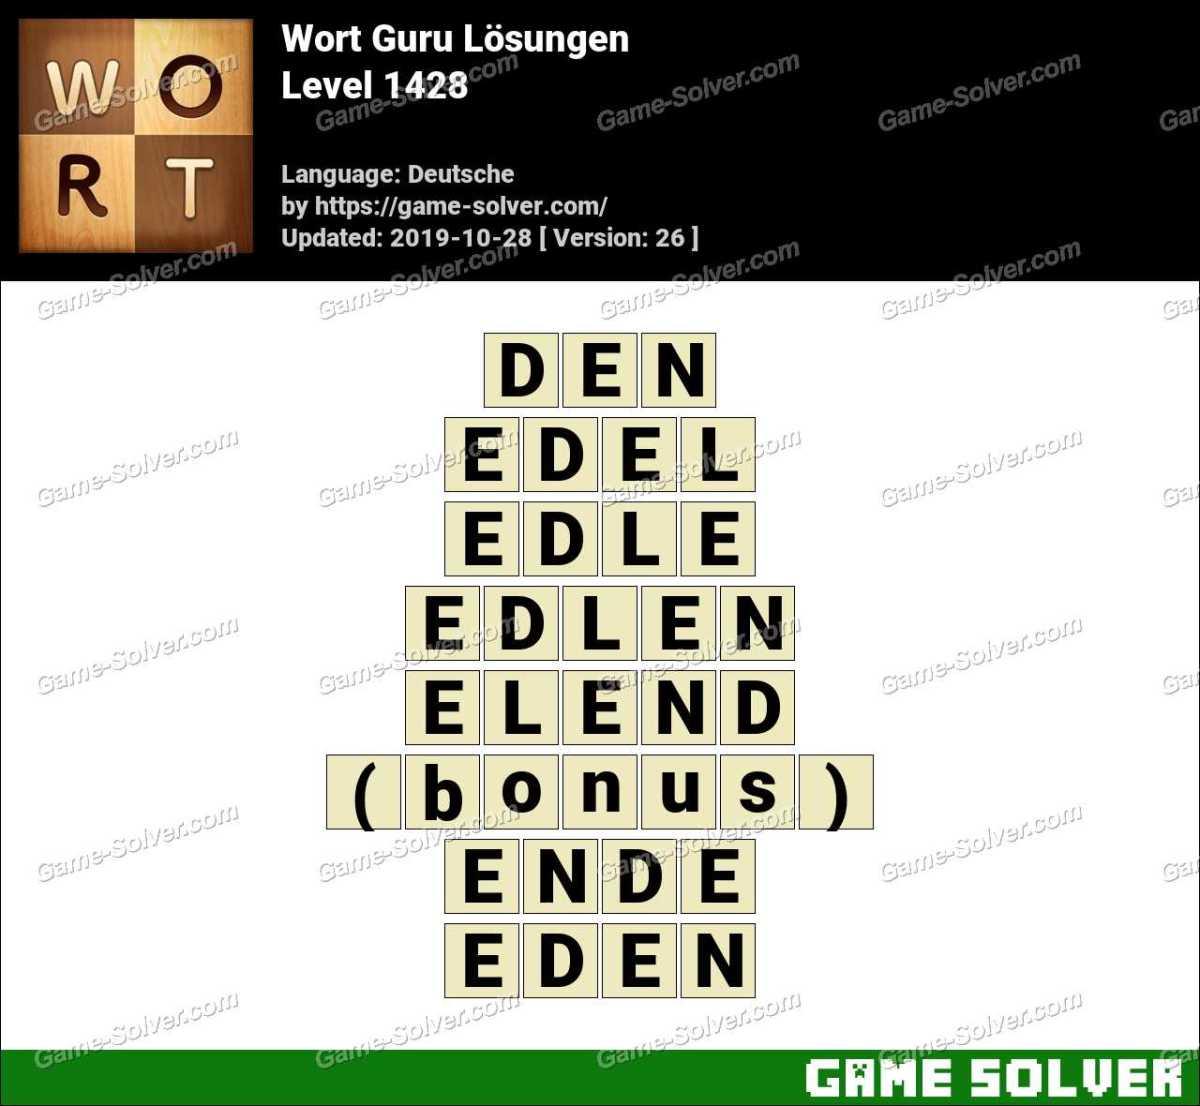 Wort Guru Level 1428 Lösungen